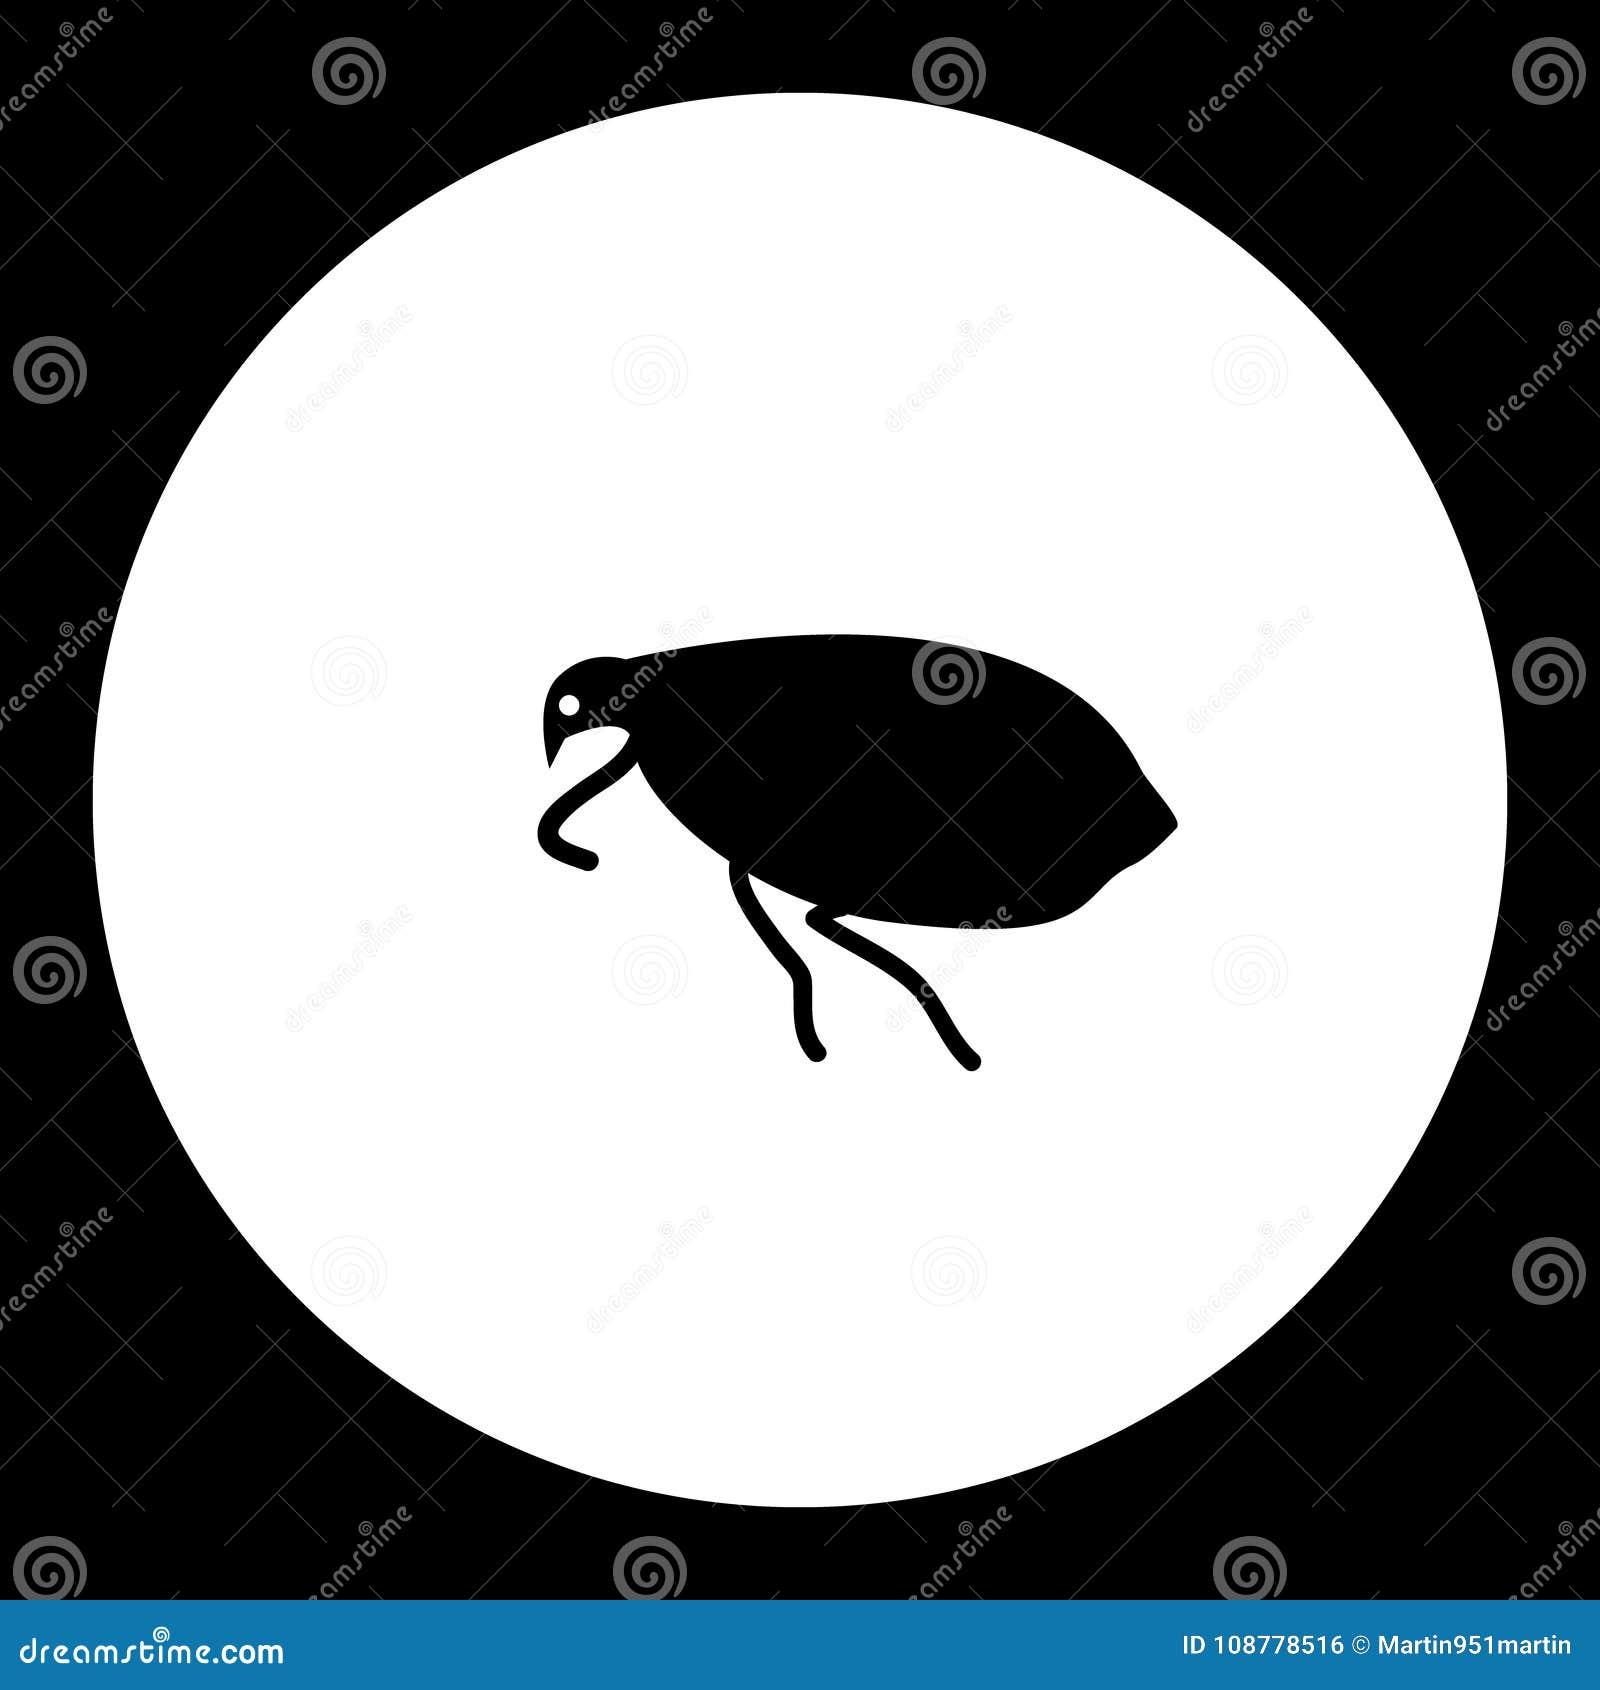 Schwarze Des Flohinsekts Einfache Und Grune Ikone Vektor Abbildung